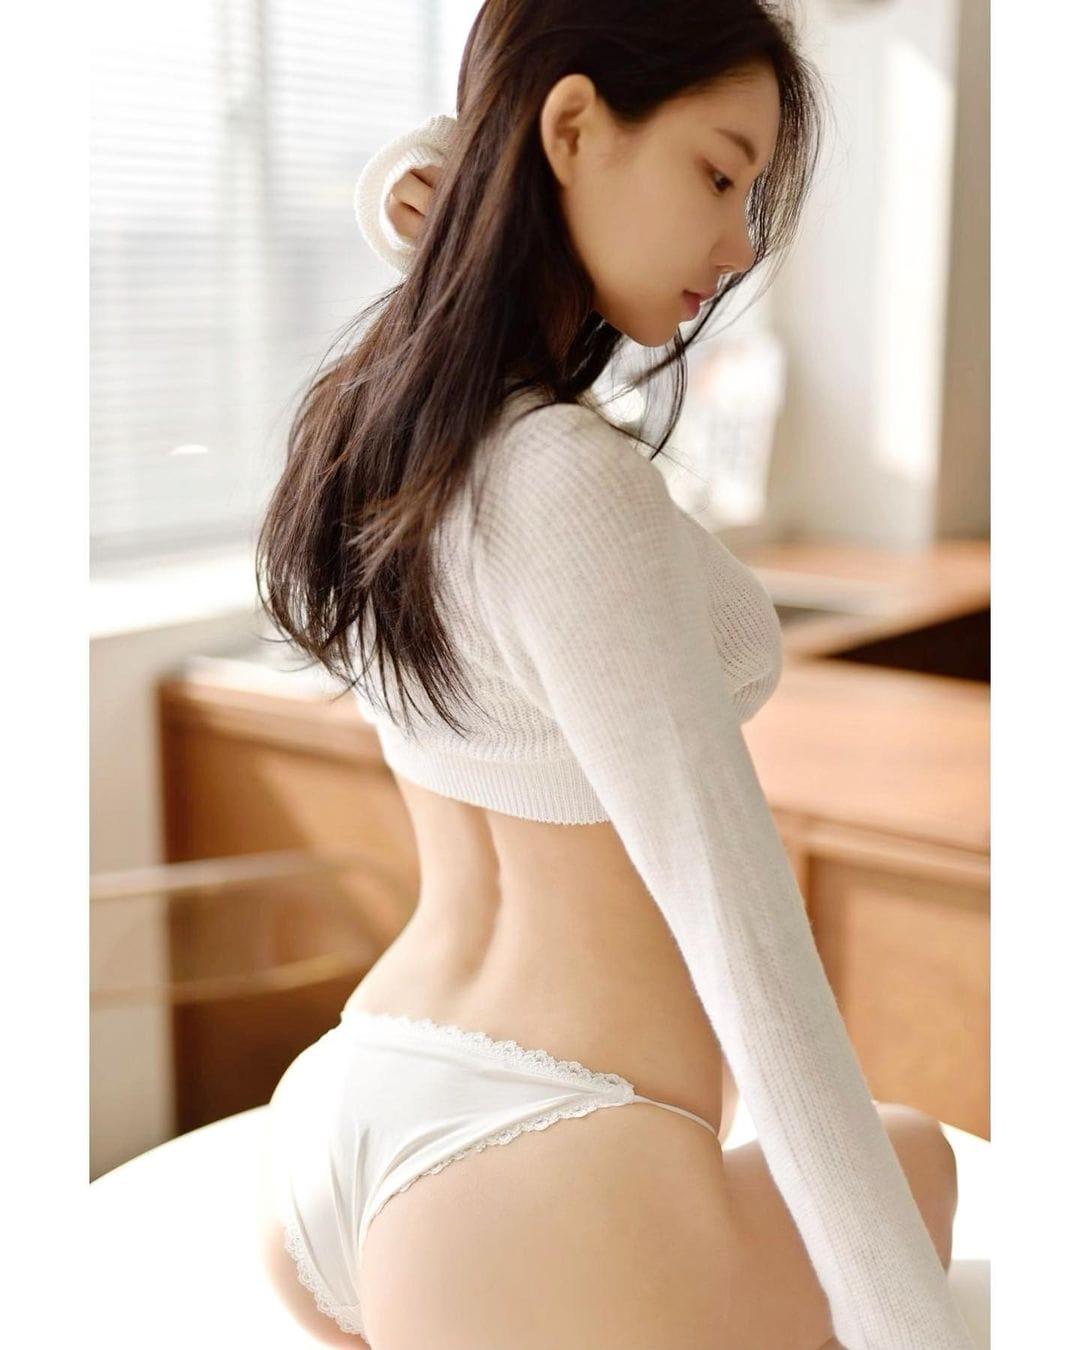 DJミユ「ショーツに包まれた桃尻がセクシー」清純な白に美肌が映える…【画像2枚】の画像001